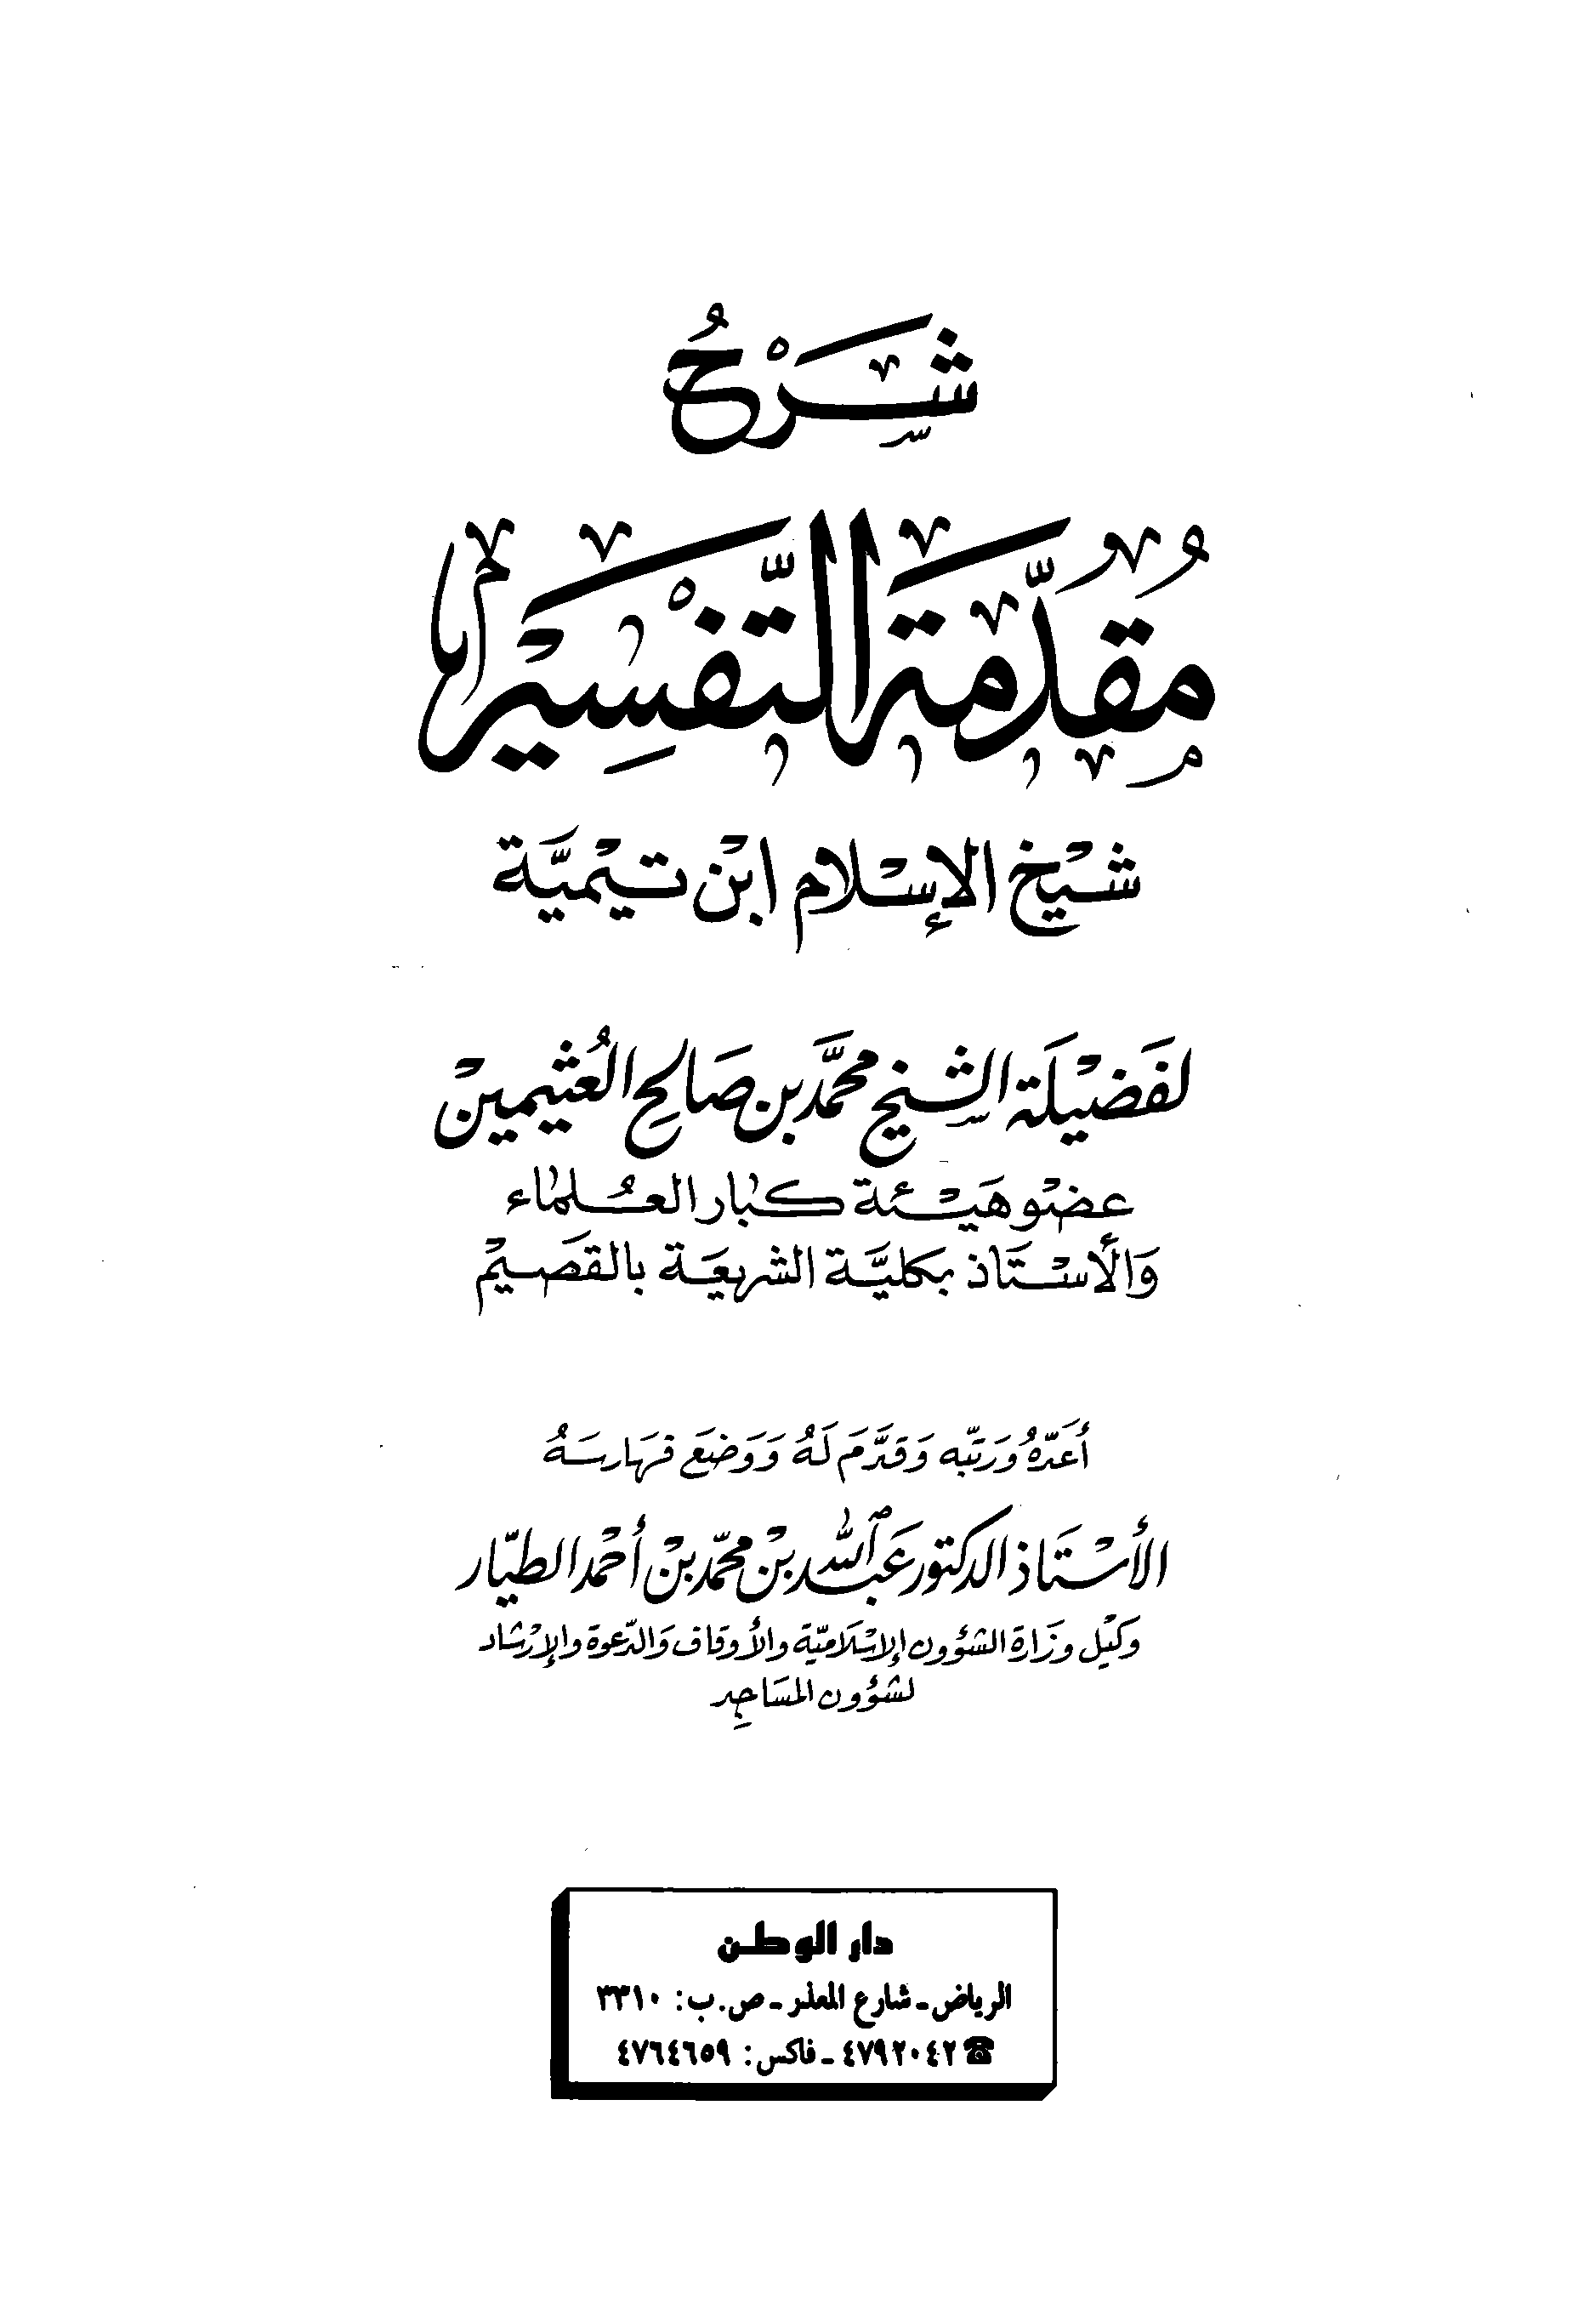 شرح مقدمة التفسير لشيخ الإسلام ابن تيمية (العثيمين) - محمد بن صالح العثيمين (ت 1421)